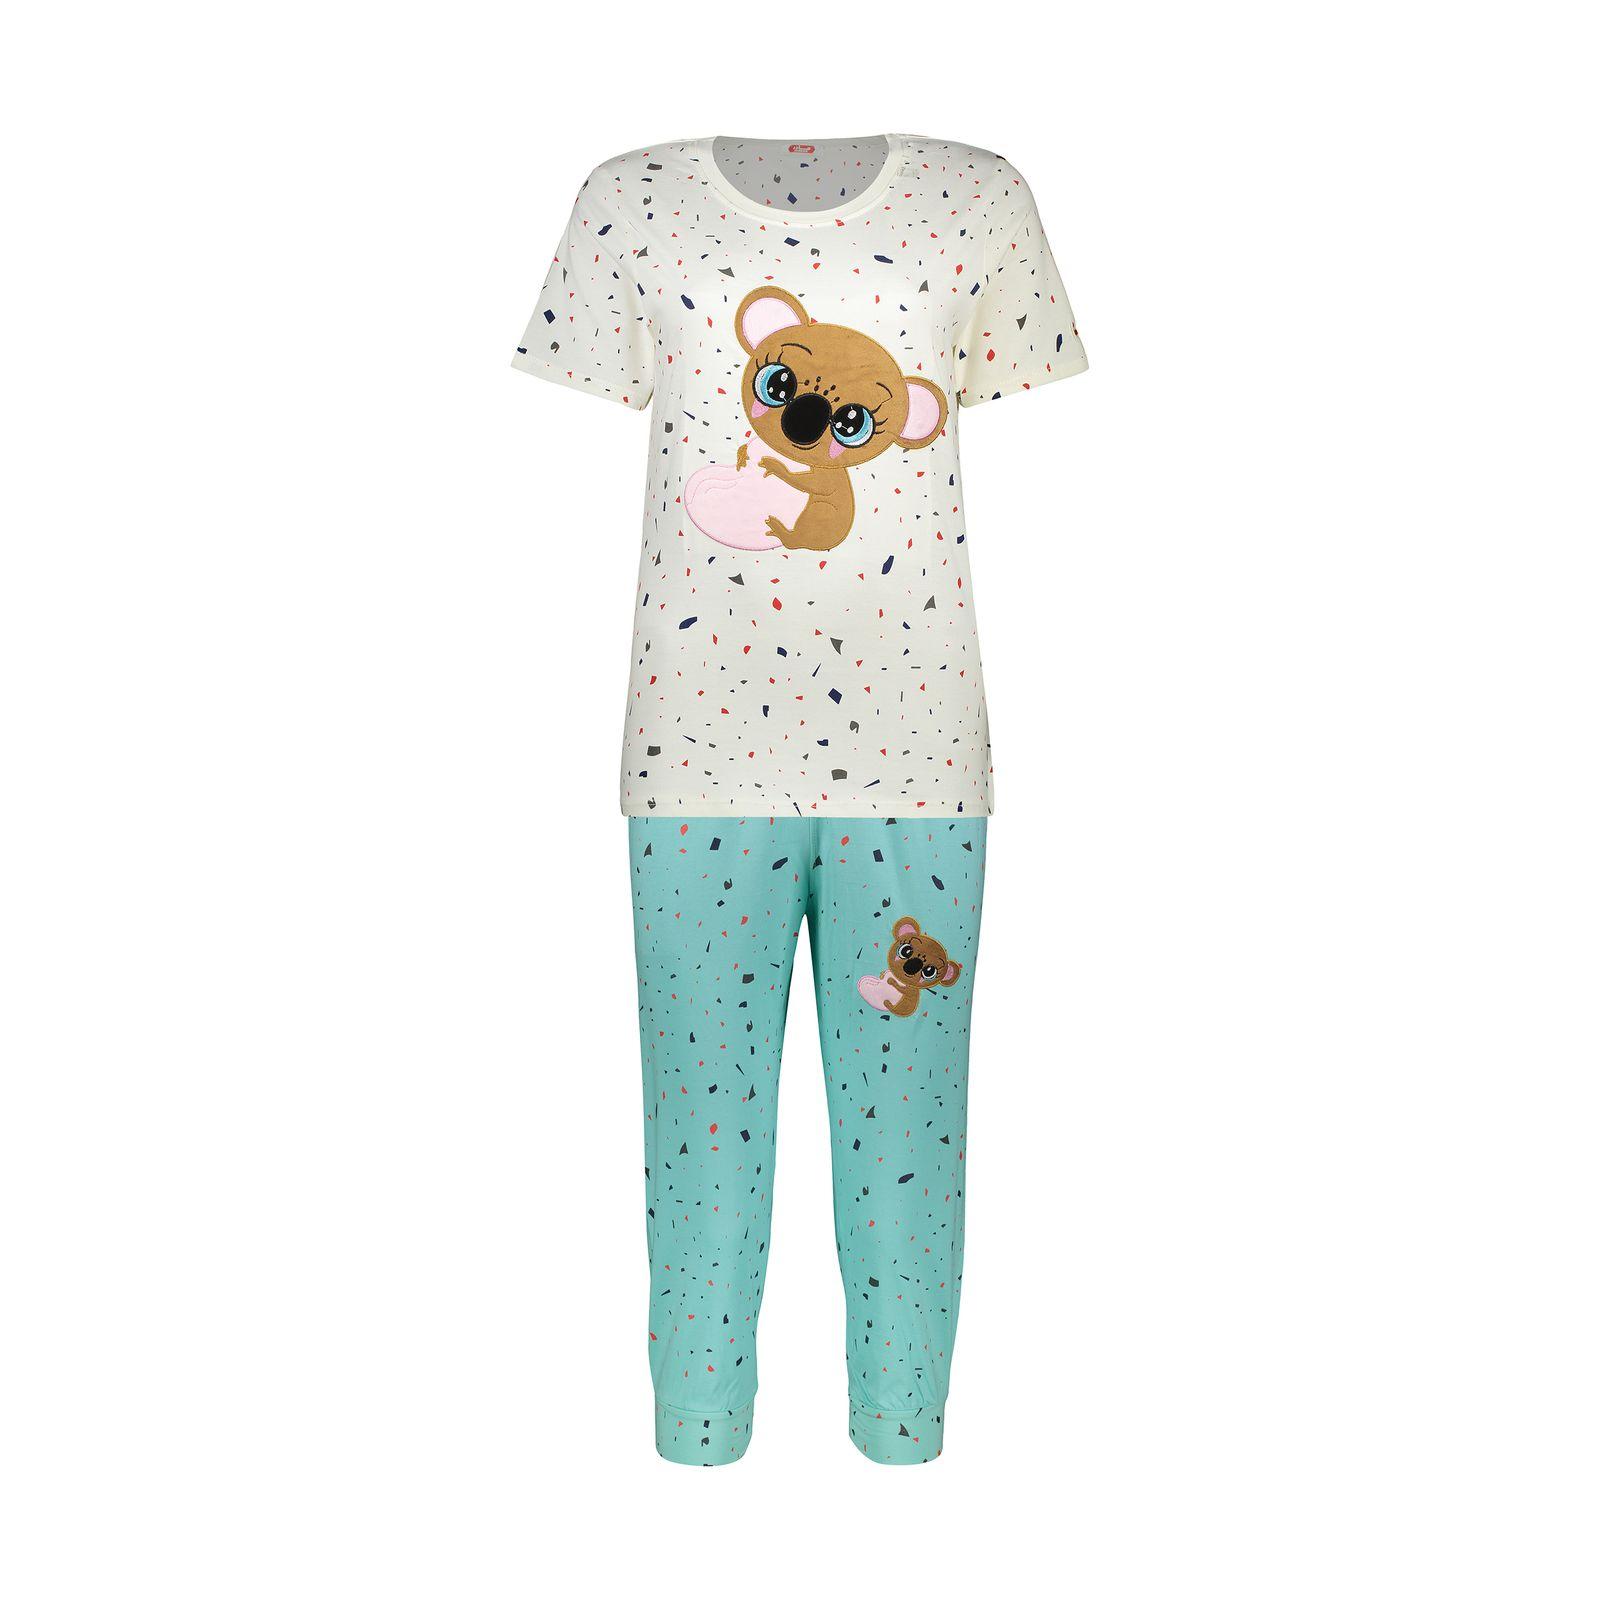 ست تی شرت و شلوارک راحتی زنانه مادر مدل 2041103-54 -  - 2